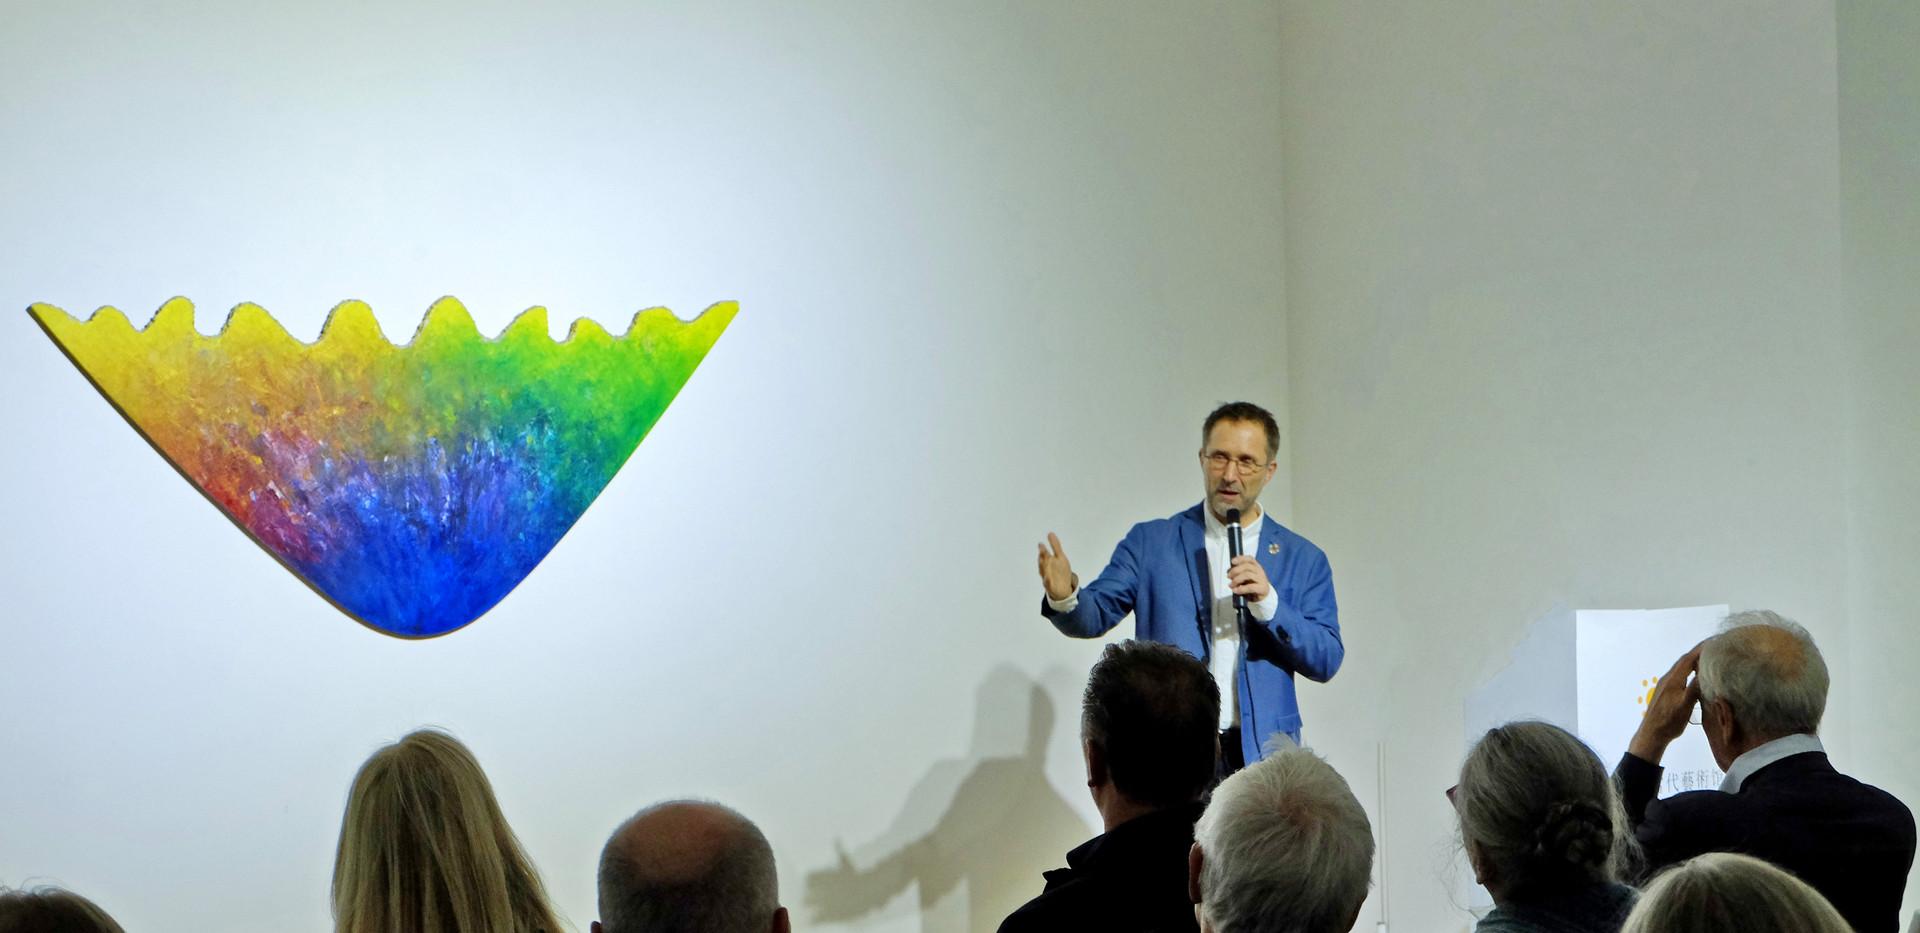 Redner Bernd Fesel - ce_creative economy Bonn